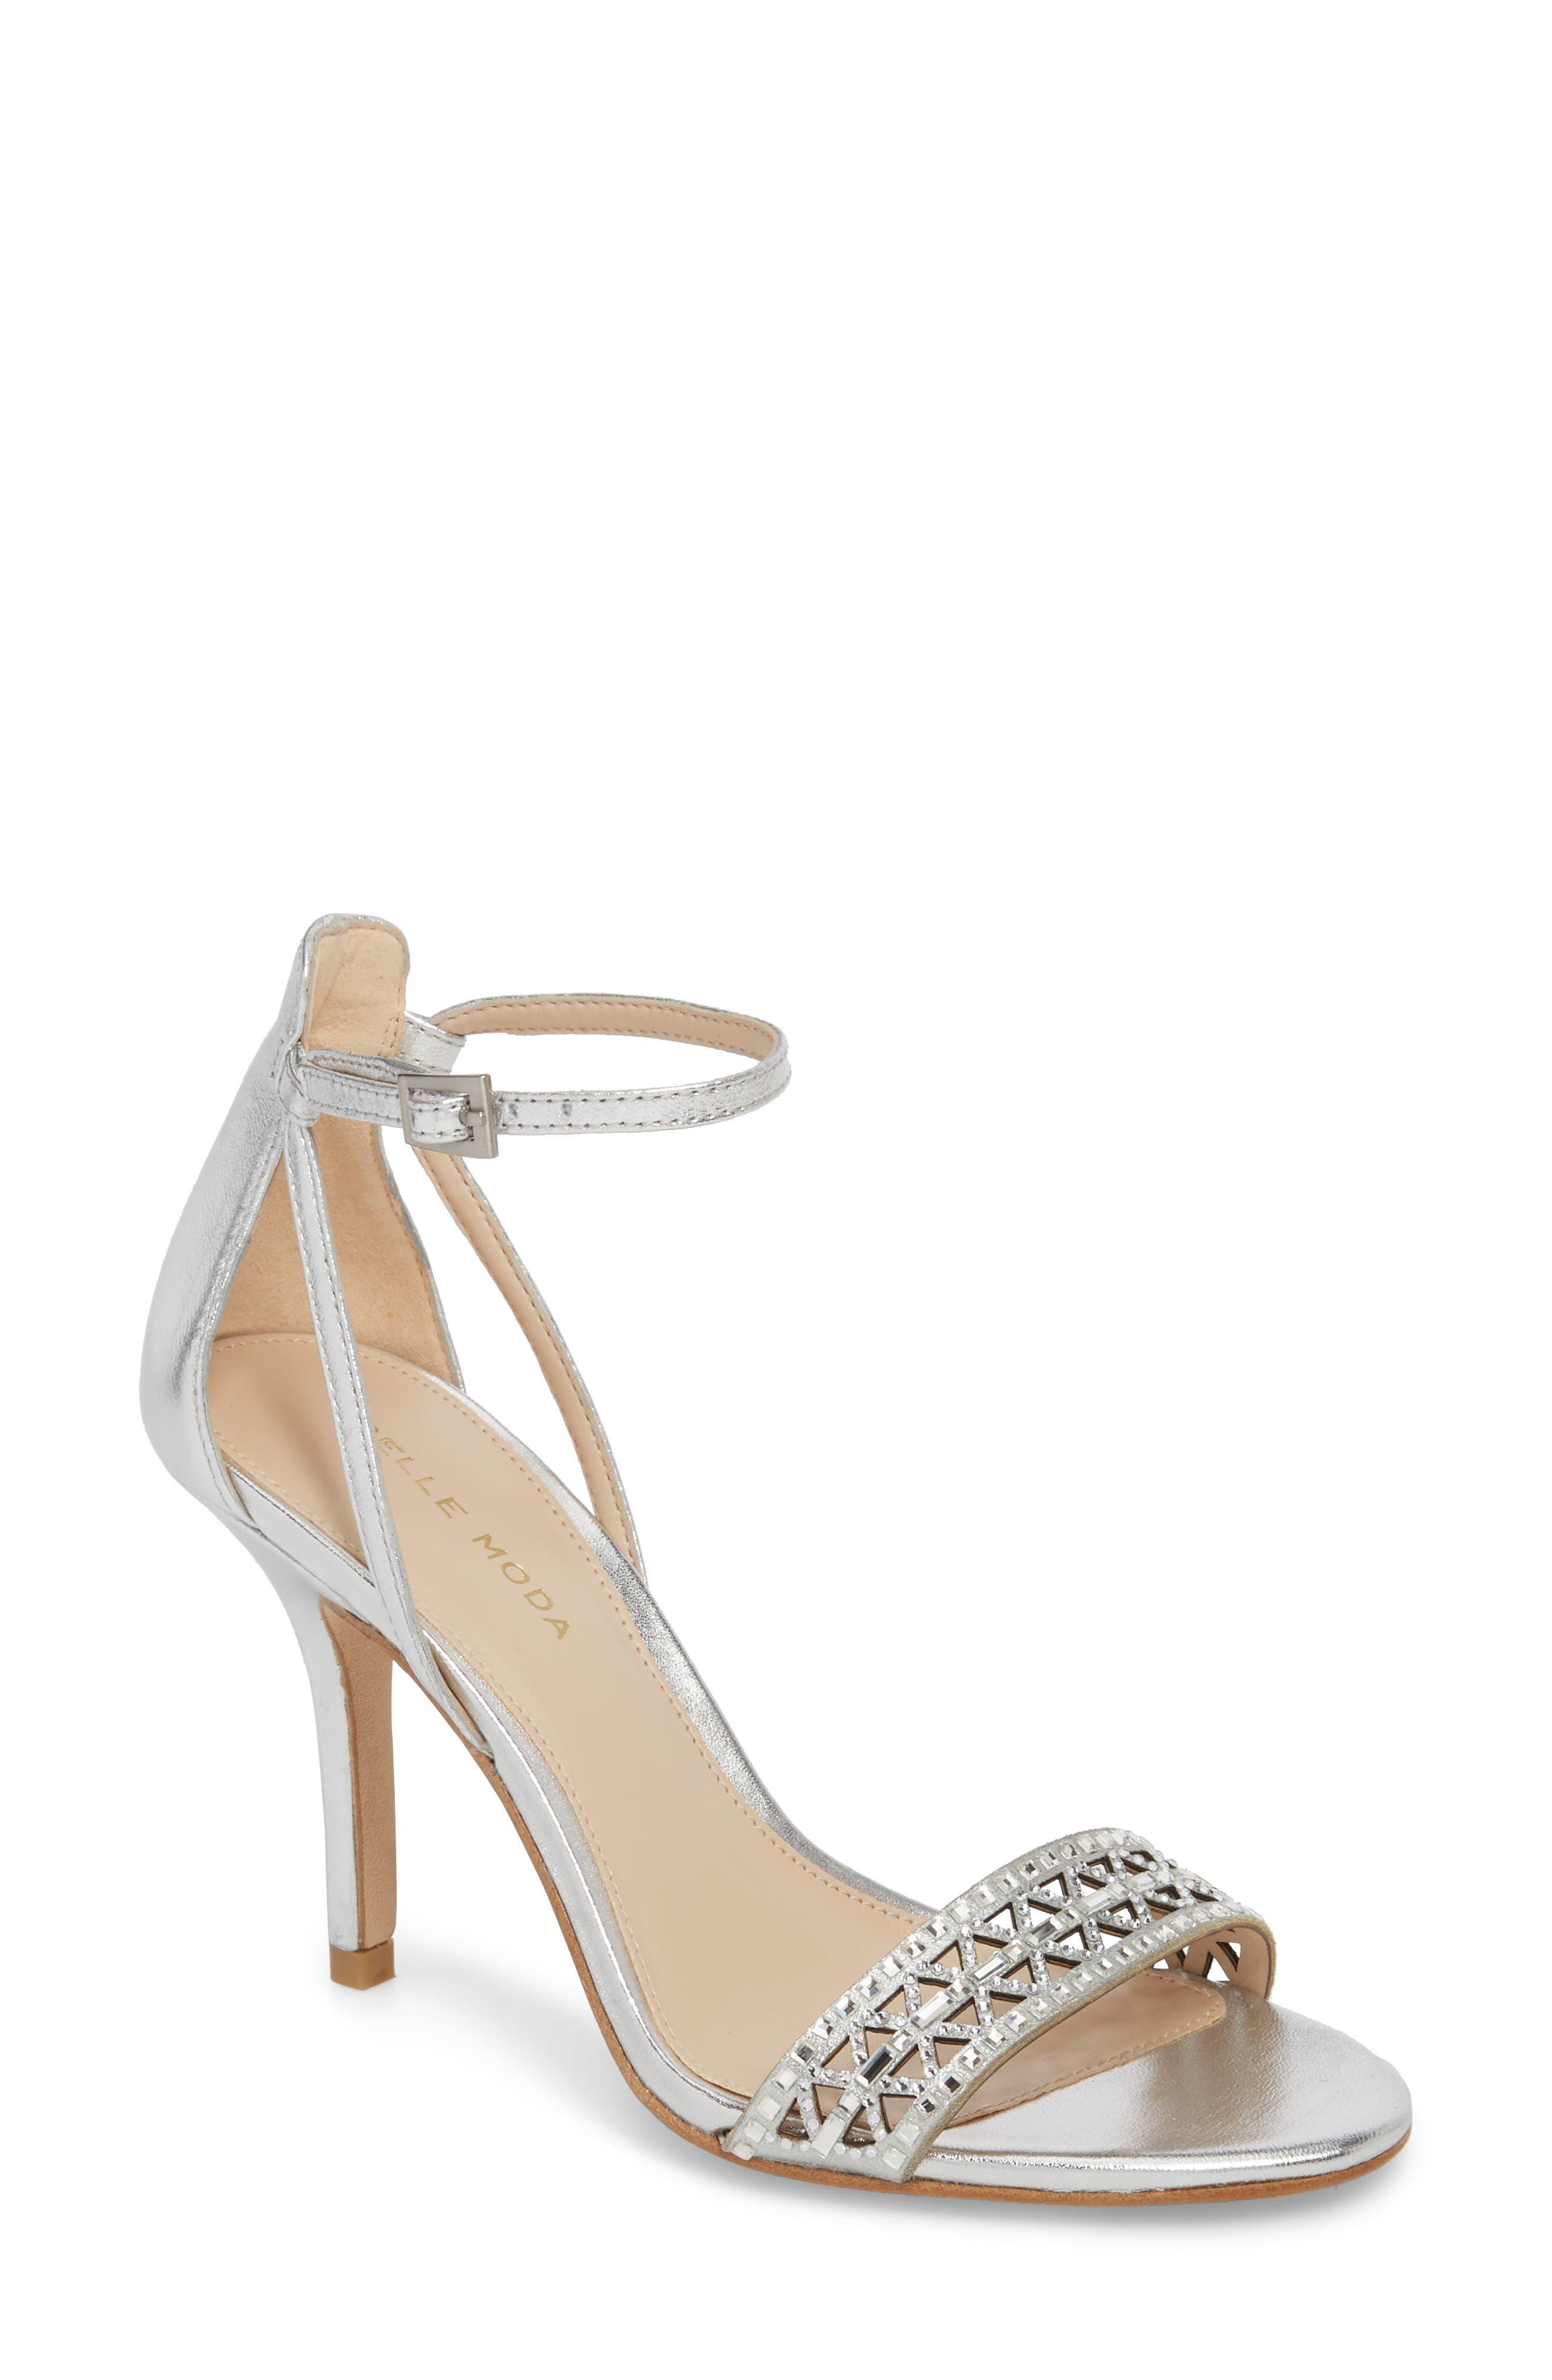 Karmina Embellished Sandal,                         Main,                         color, Silver Leather